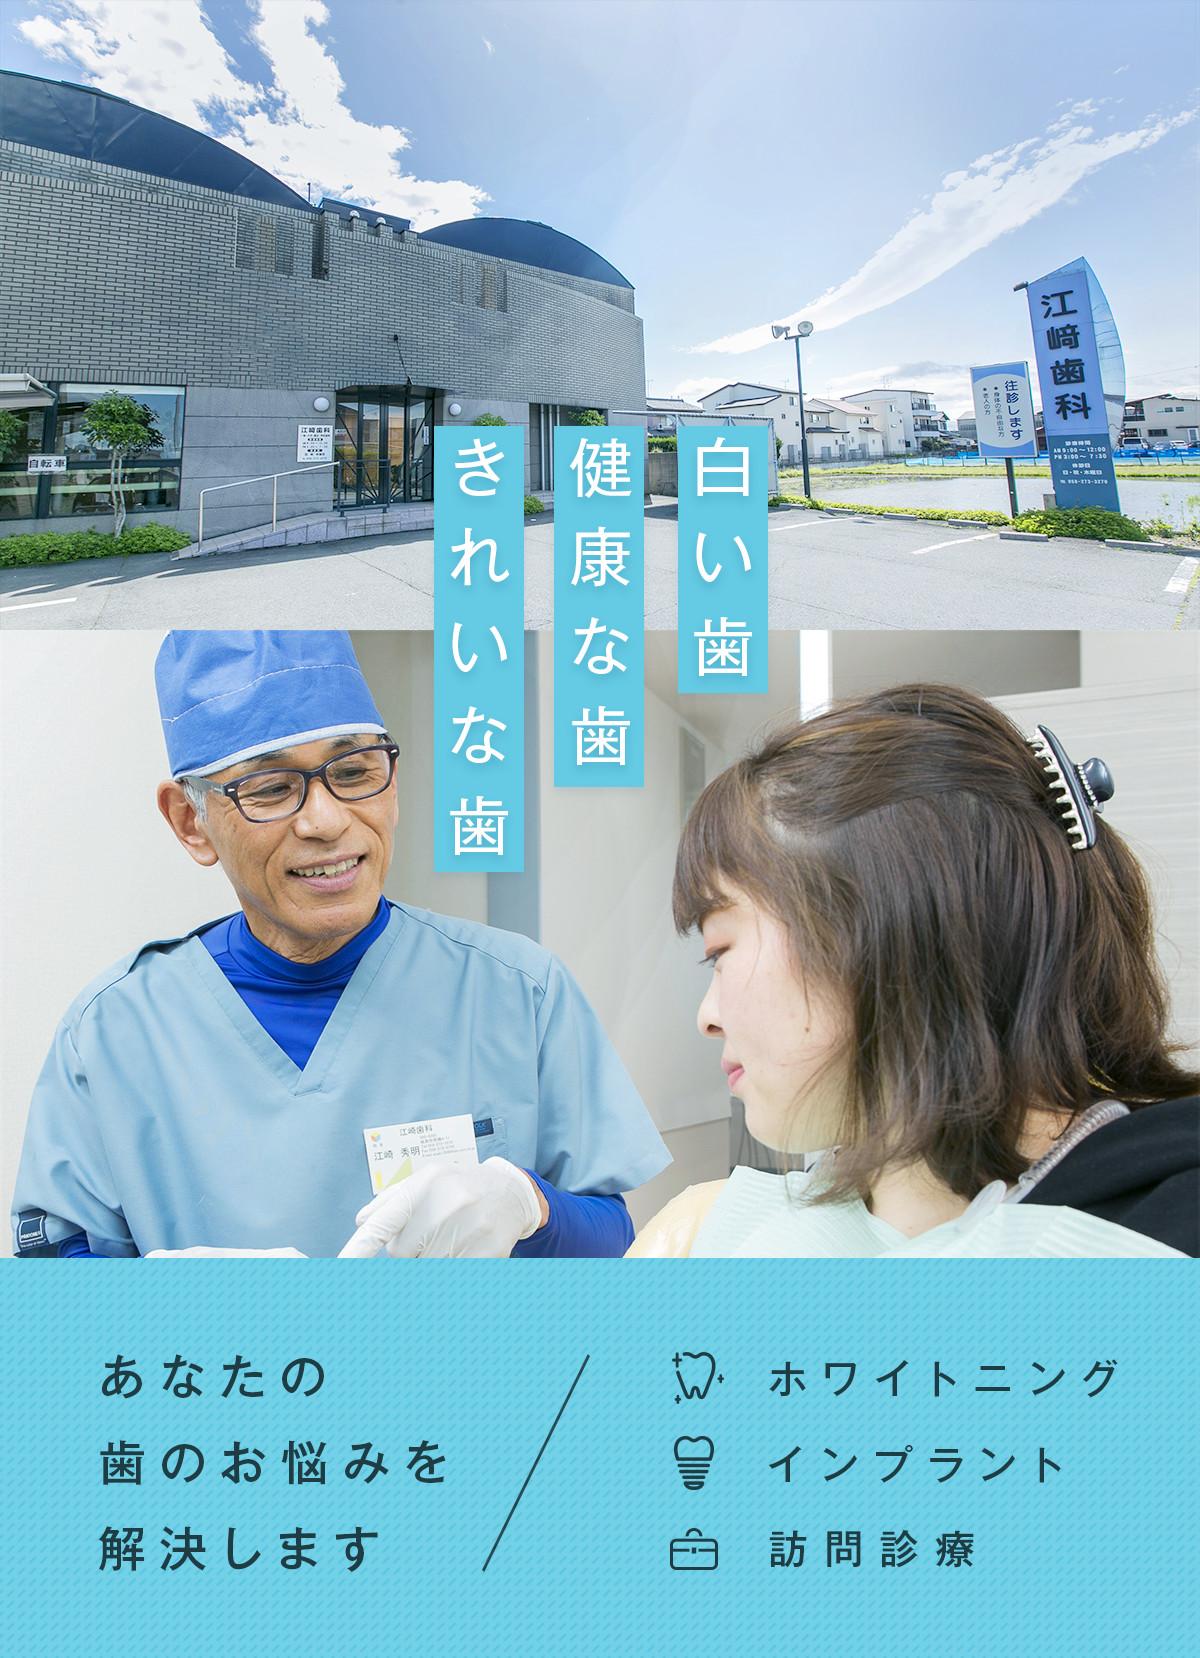 白い歯健康な歯きれいな歯 歯のお悩みを解決します ホワイトニング インプラント 訪問診療